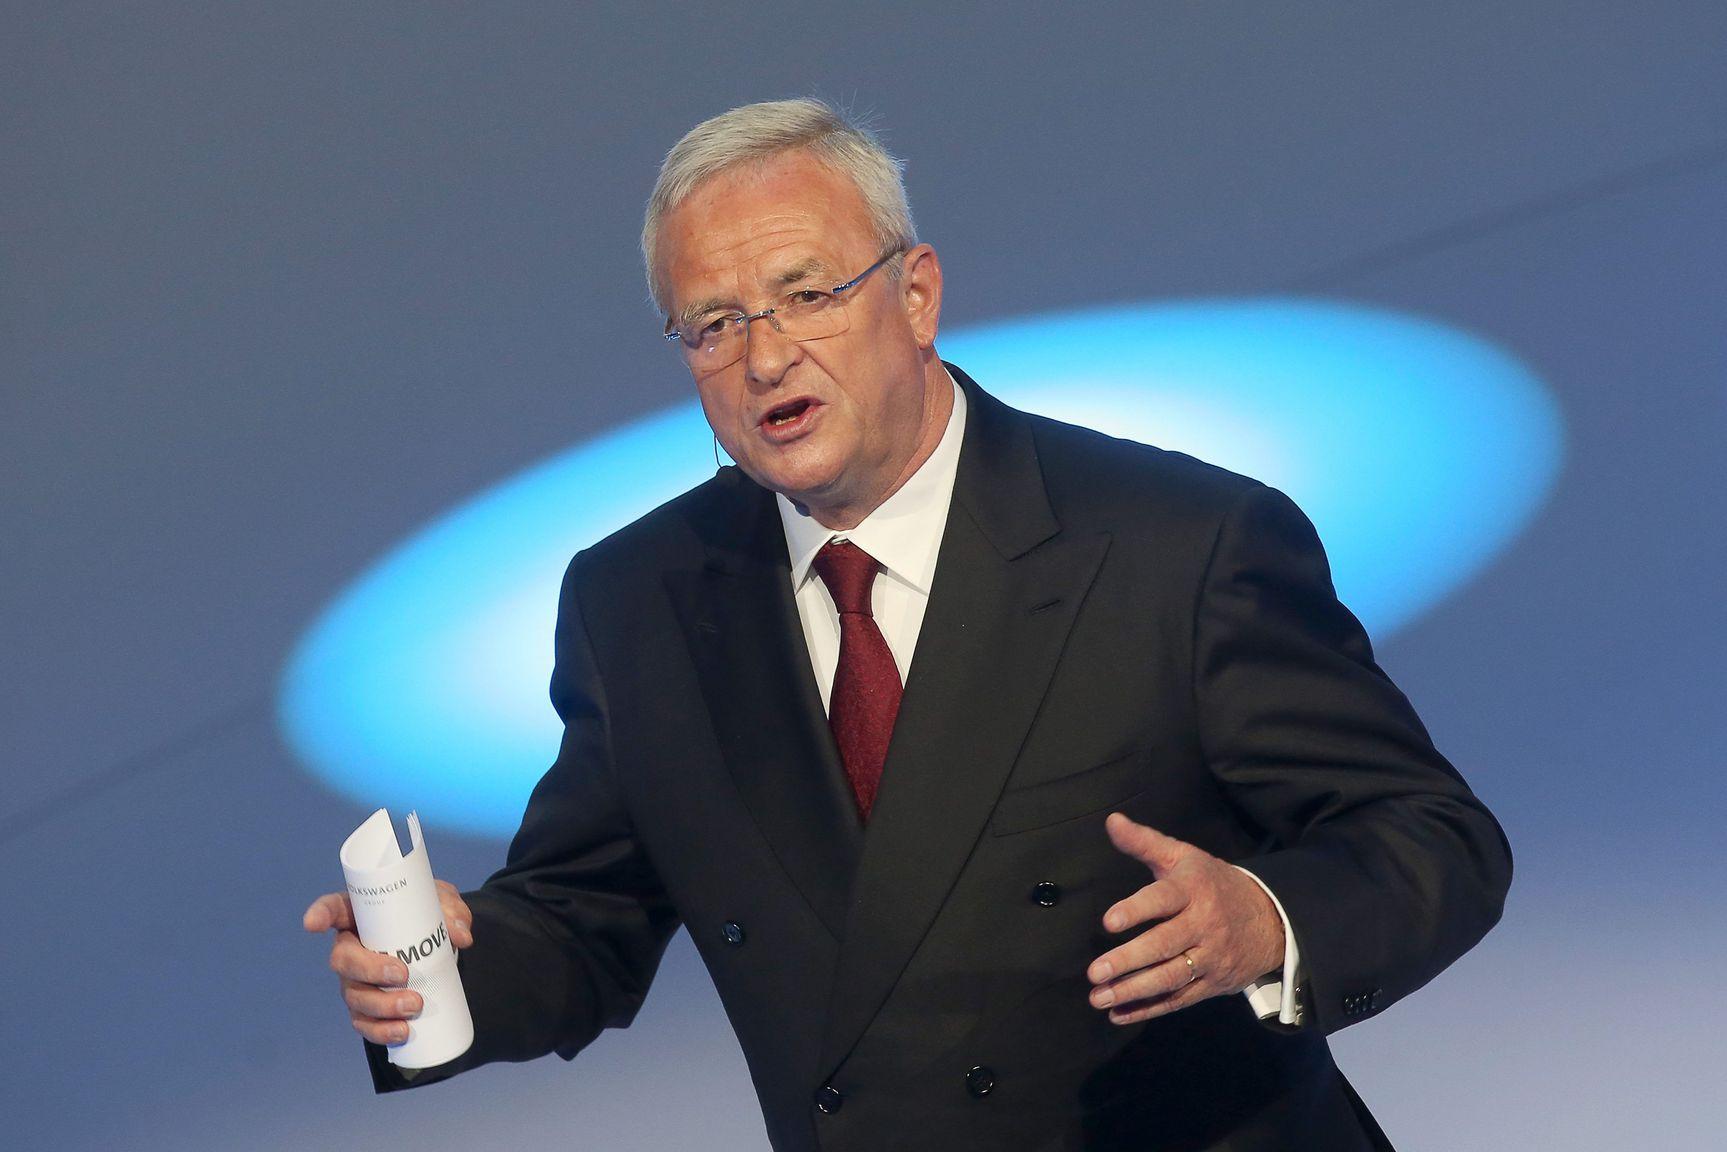 VW streicht 30.000 Stellen: Abgasskandal, Digitalisierung